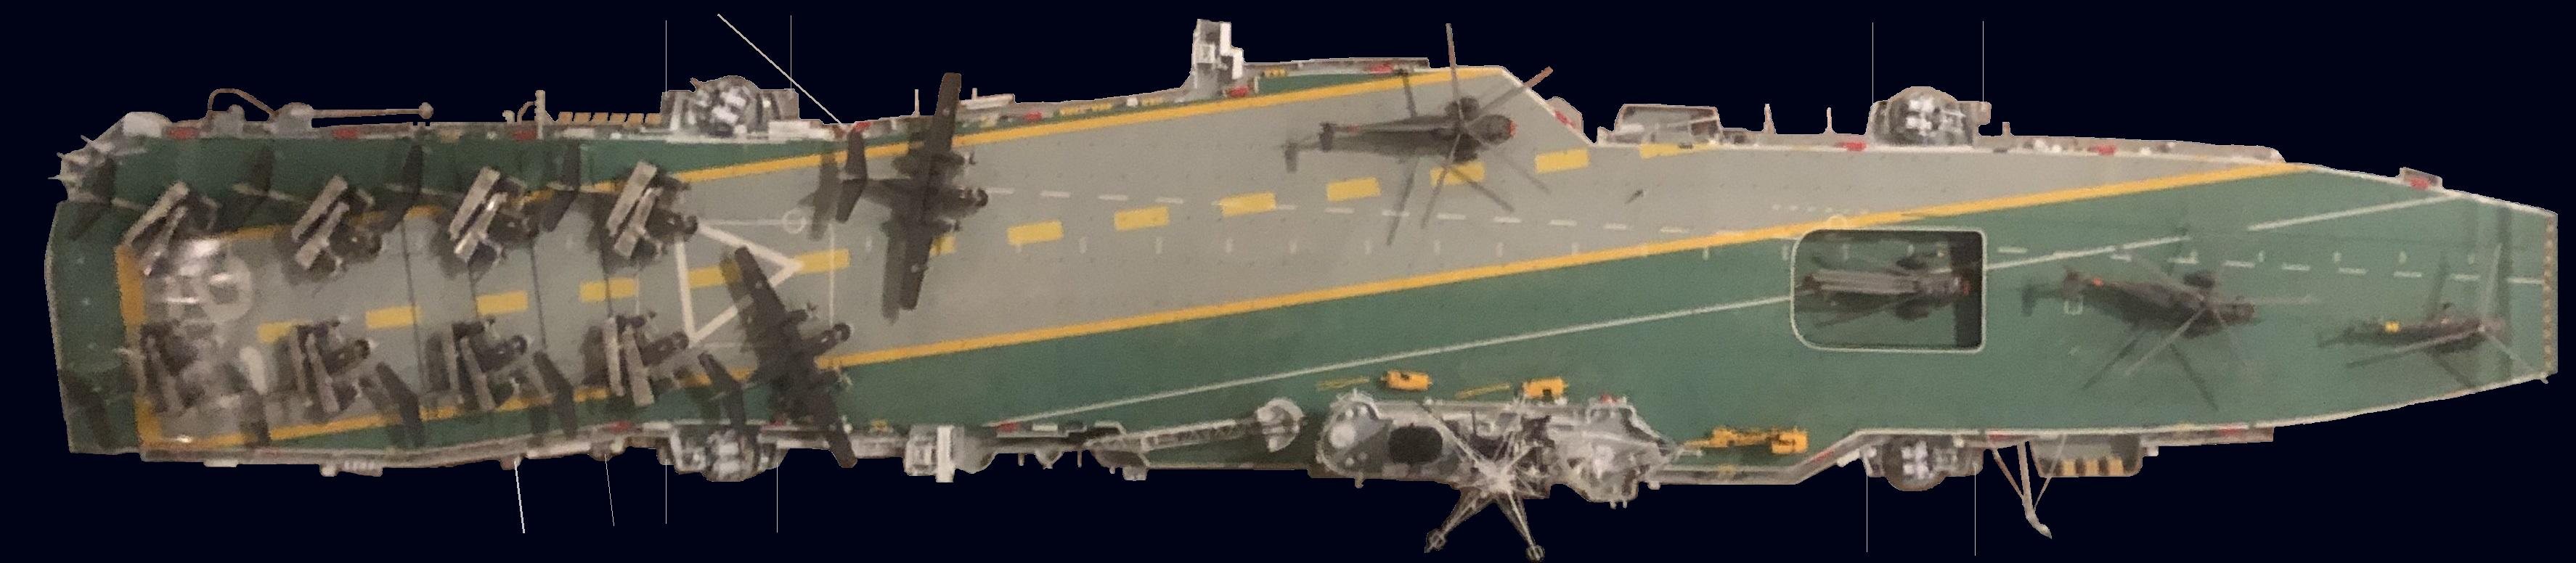 HMCS Bonaventure model CASMworkFINALBluewithaerials